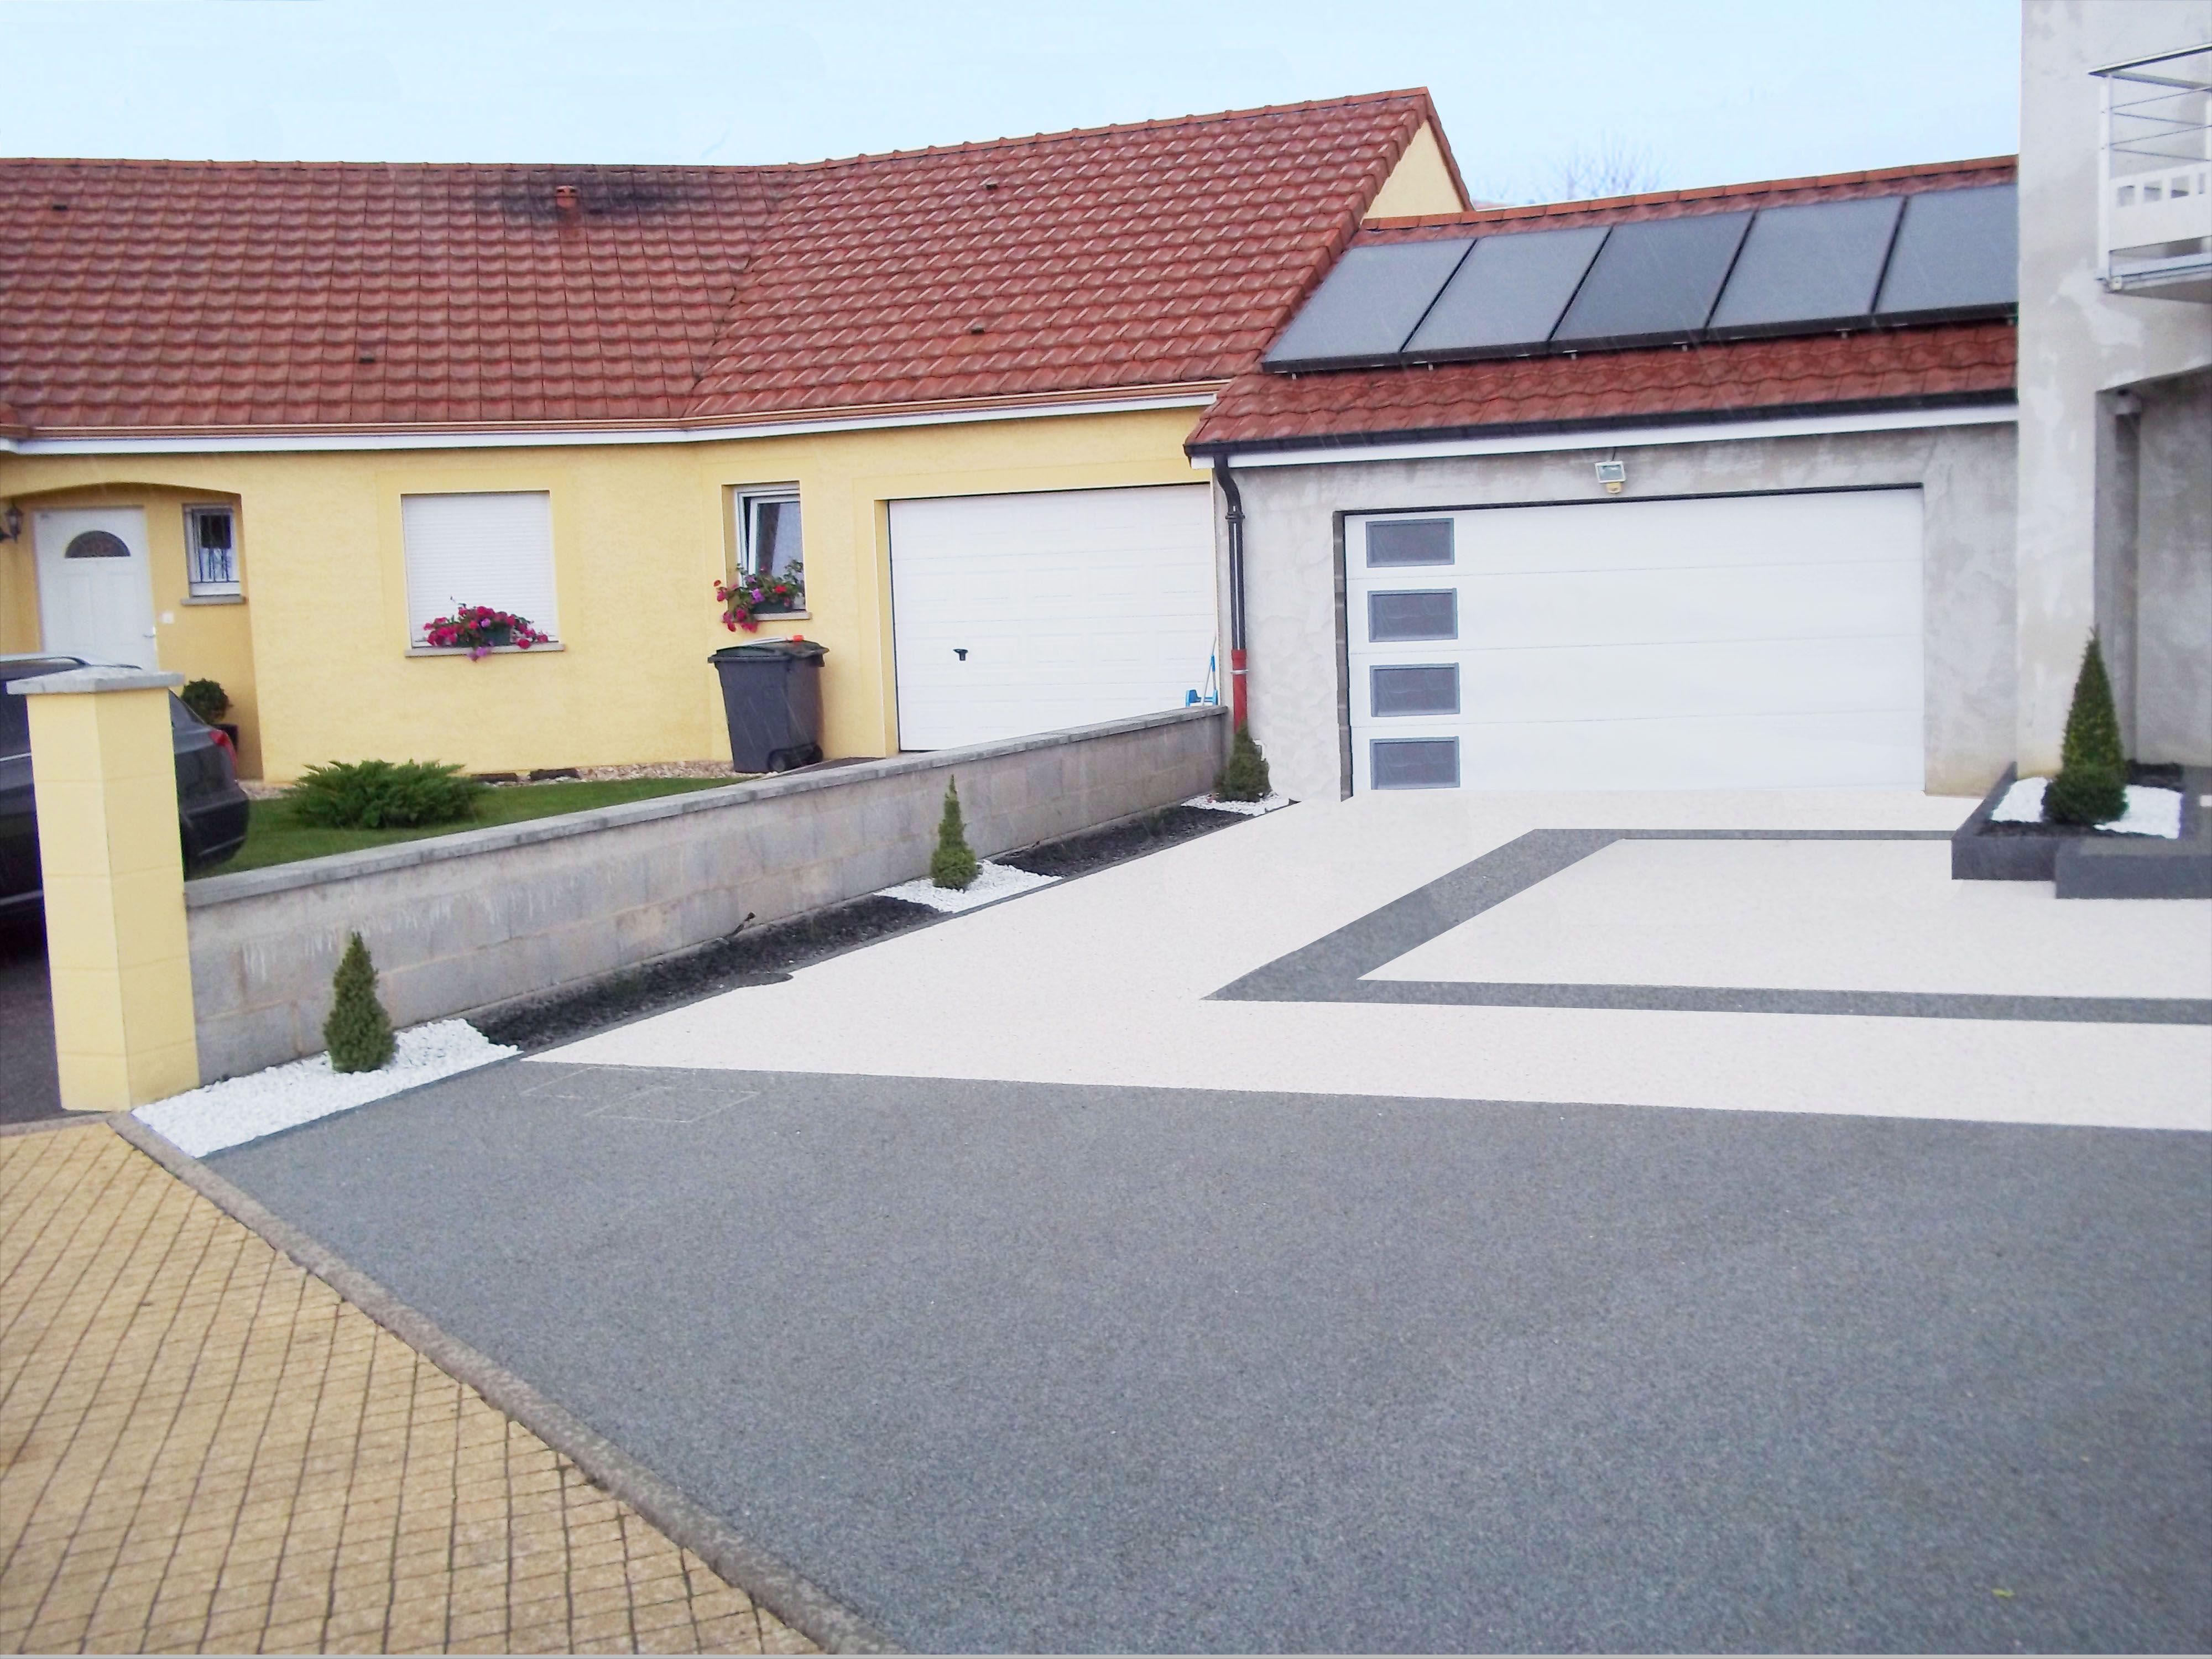 Allee De Garage Permeable En Hydro Way Gris Flanelle Et Blanc Lez Design Exterieur Outside Entree De Maison Exterieur Amenagement Cour Amenagement Terrasse